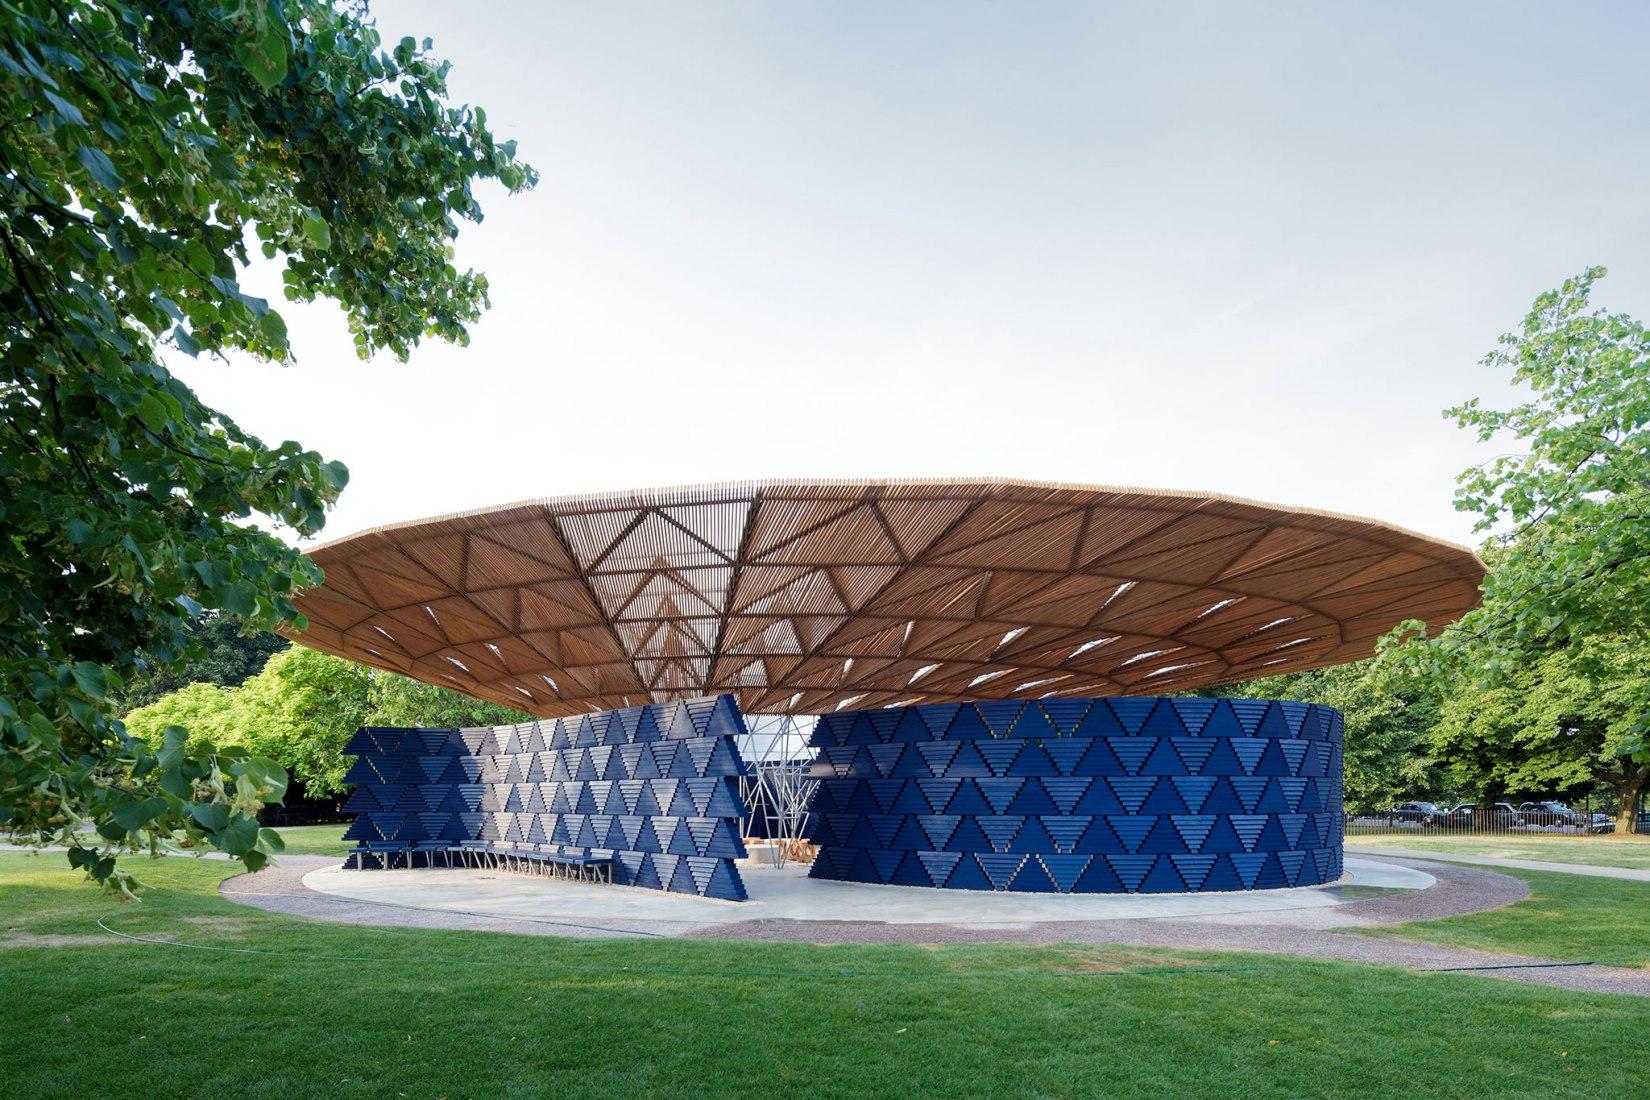 Serpentine Pavilion 2017, designed by Francis Kéré. Serpentine Gallery, London (23 June – 8 October 2017) © Kéré Architecture. Photograph © 2017 Iwan Baan.